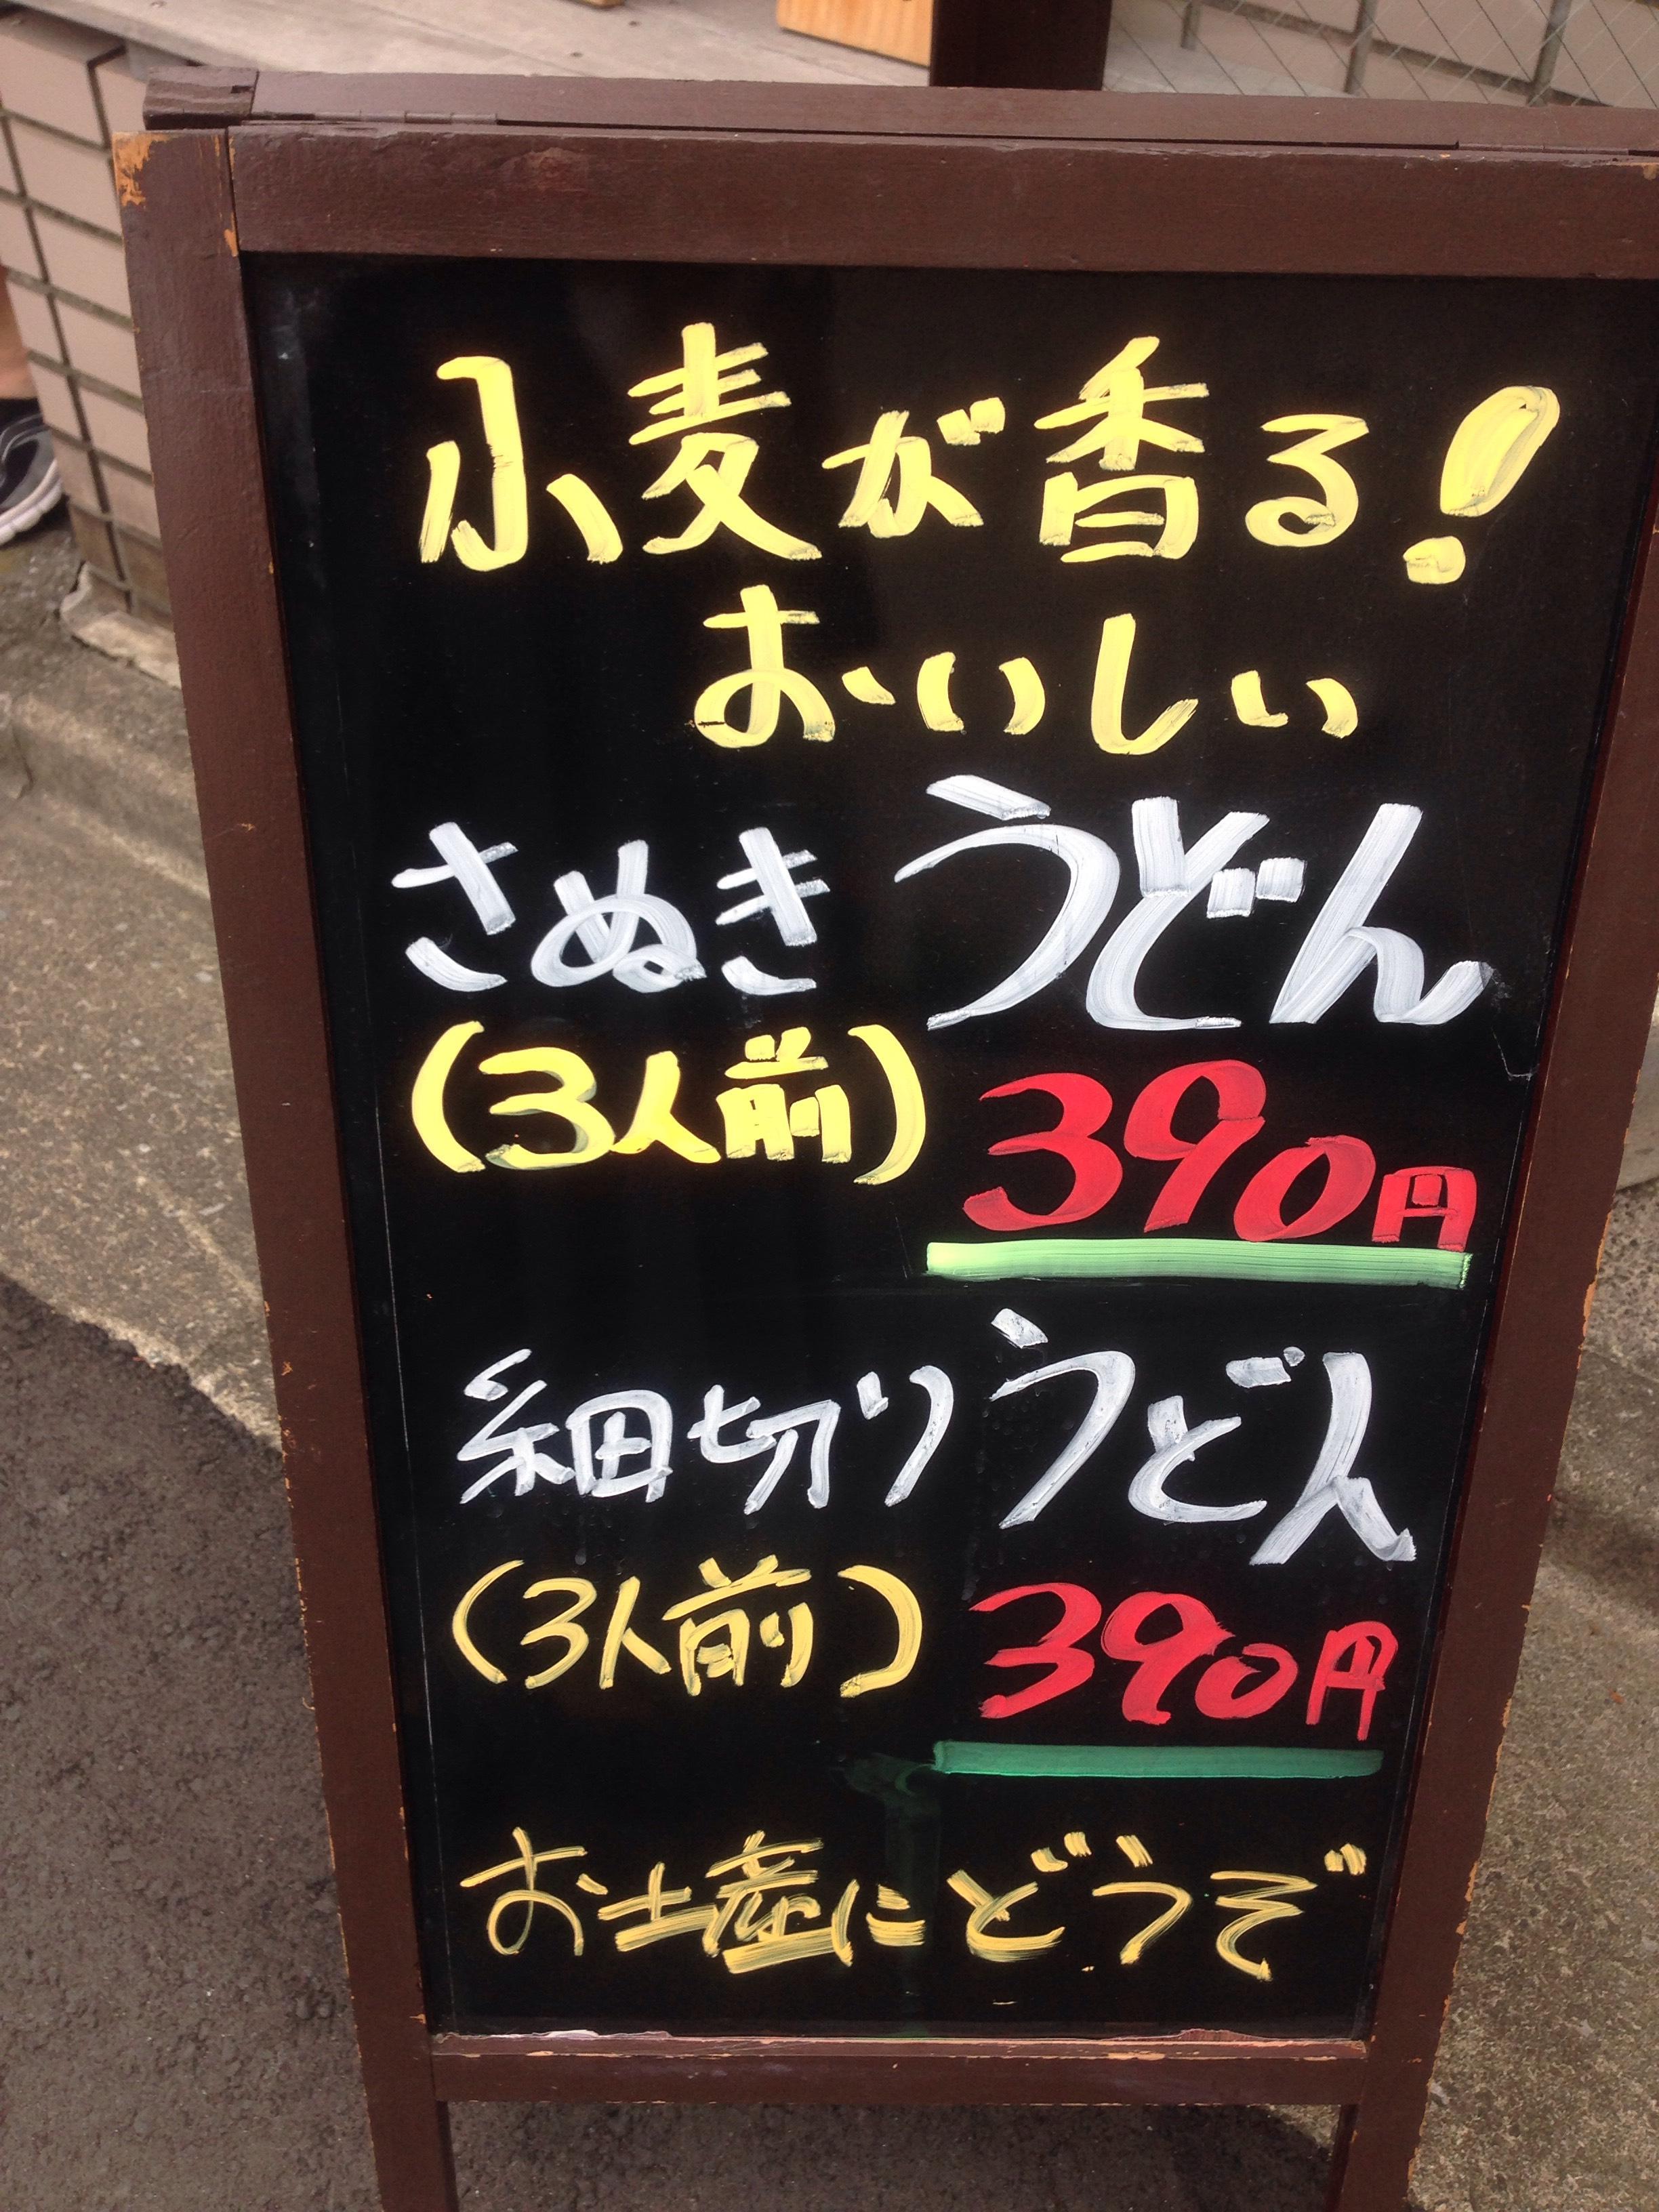 930麺の停車場楽麦舎打ちたて生うどん直売会告知 東京都中野区新井3−6−7楽麦舎打ちたて生うどん直売会告知 東京都中野区新井3−6−7